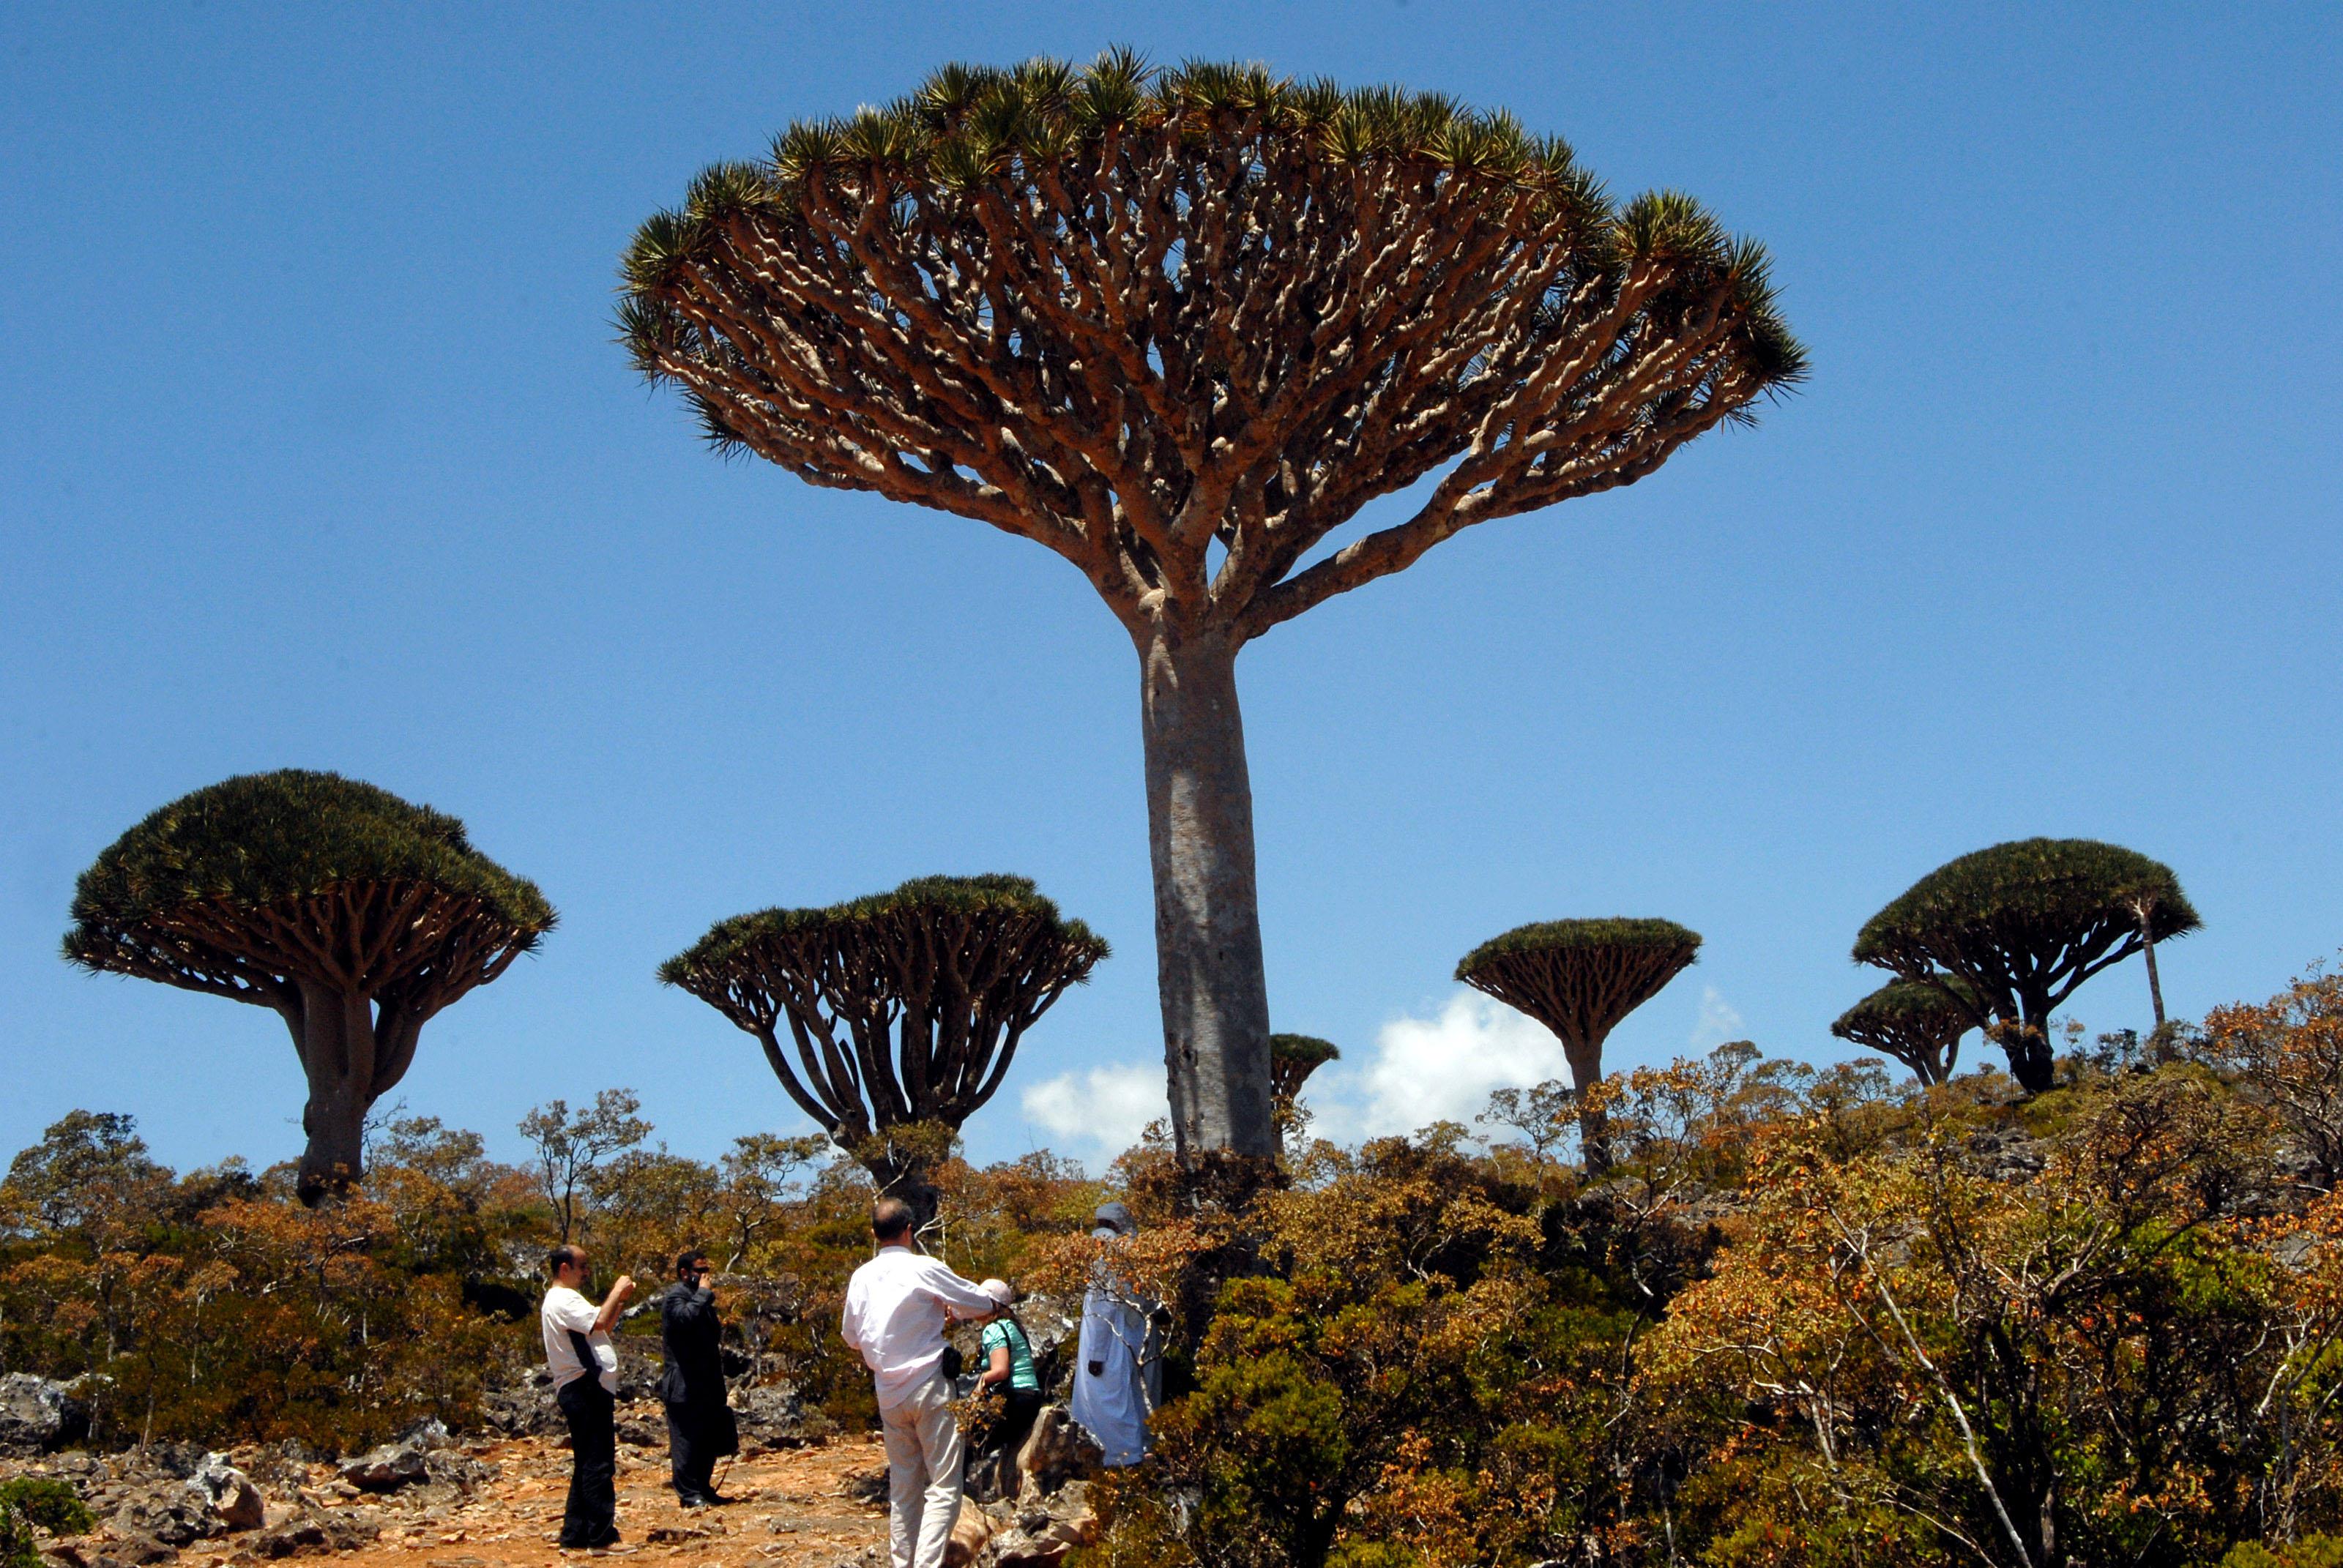 سياح يمنيون واجانب يجتمعون بالقرب من شجرة دم التنين في جزيرة سقطرى اليمنية